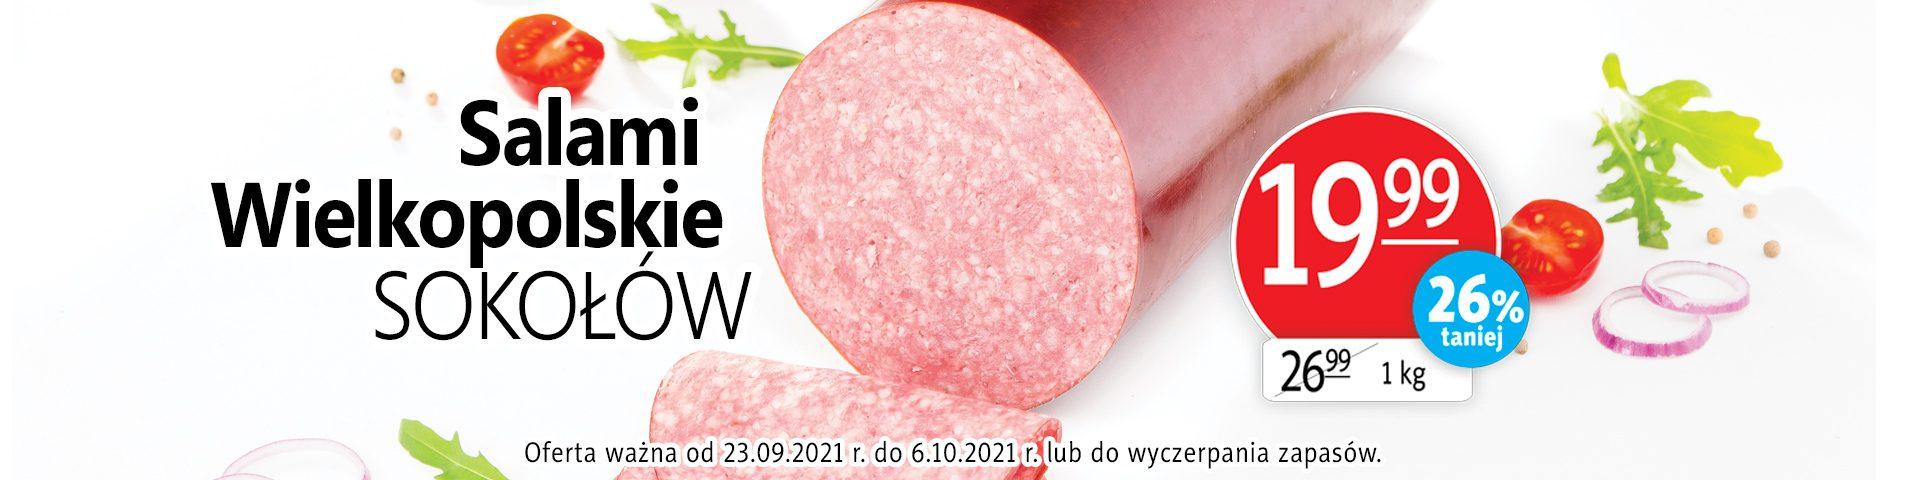 billboard_23_09_6_10_2021_salami